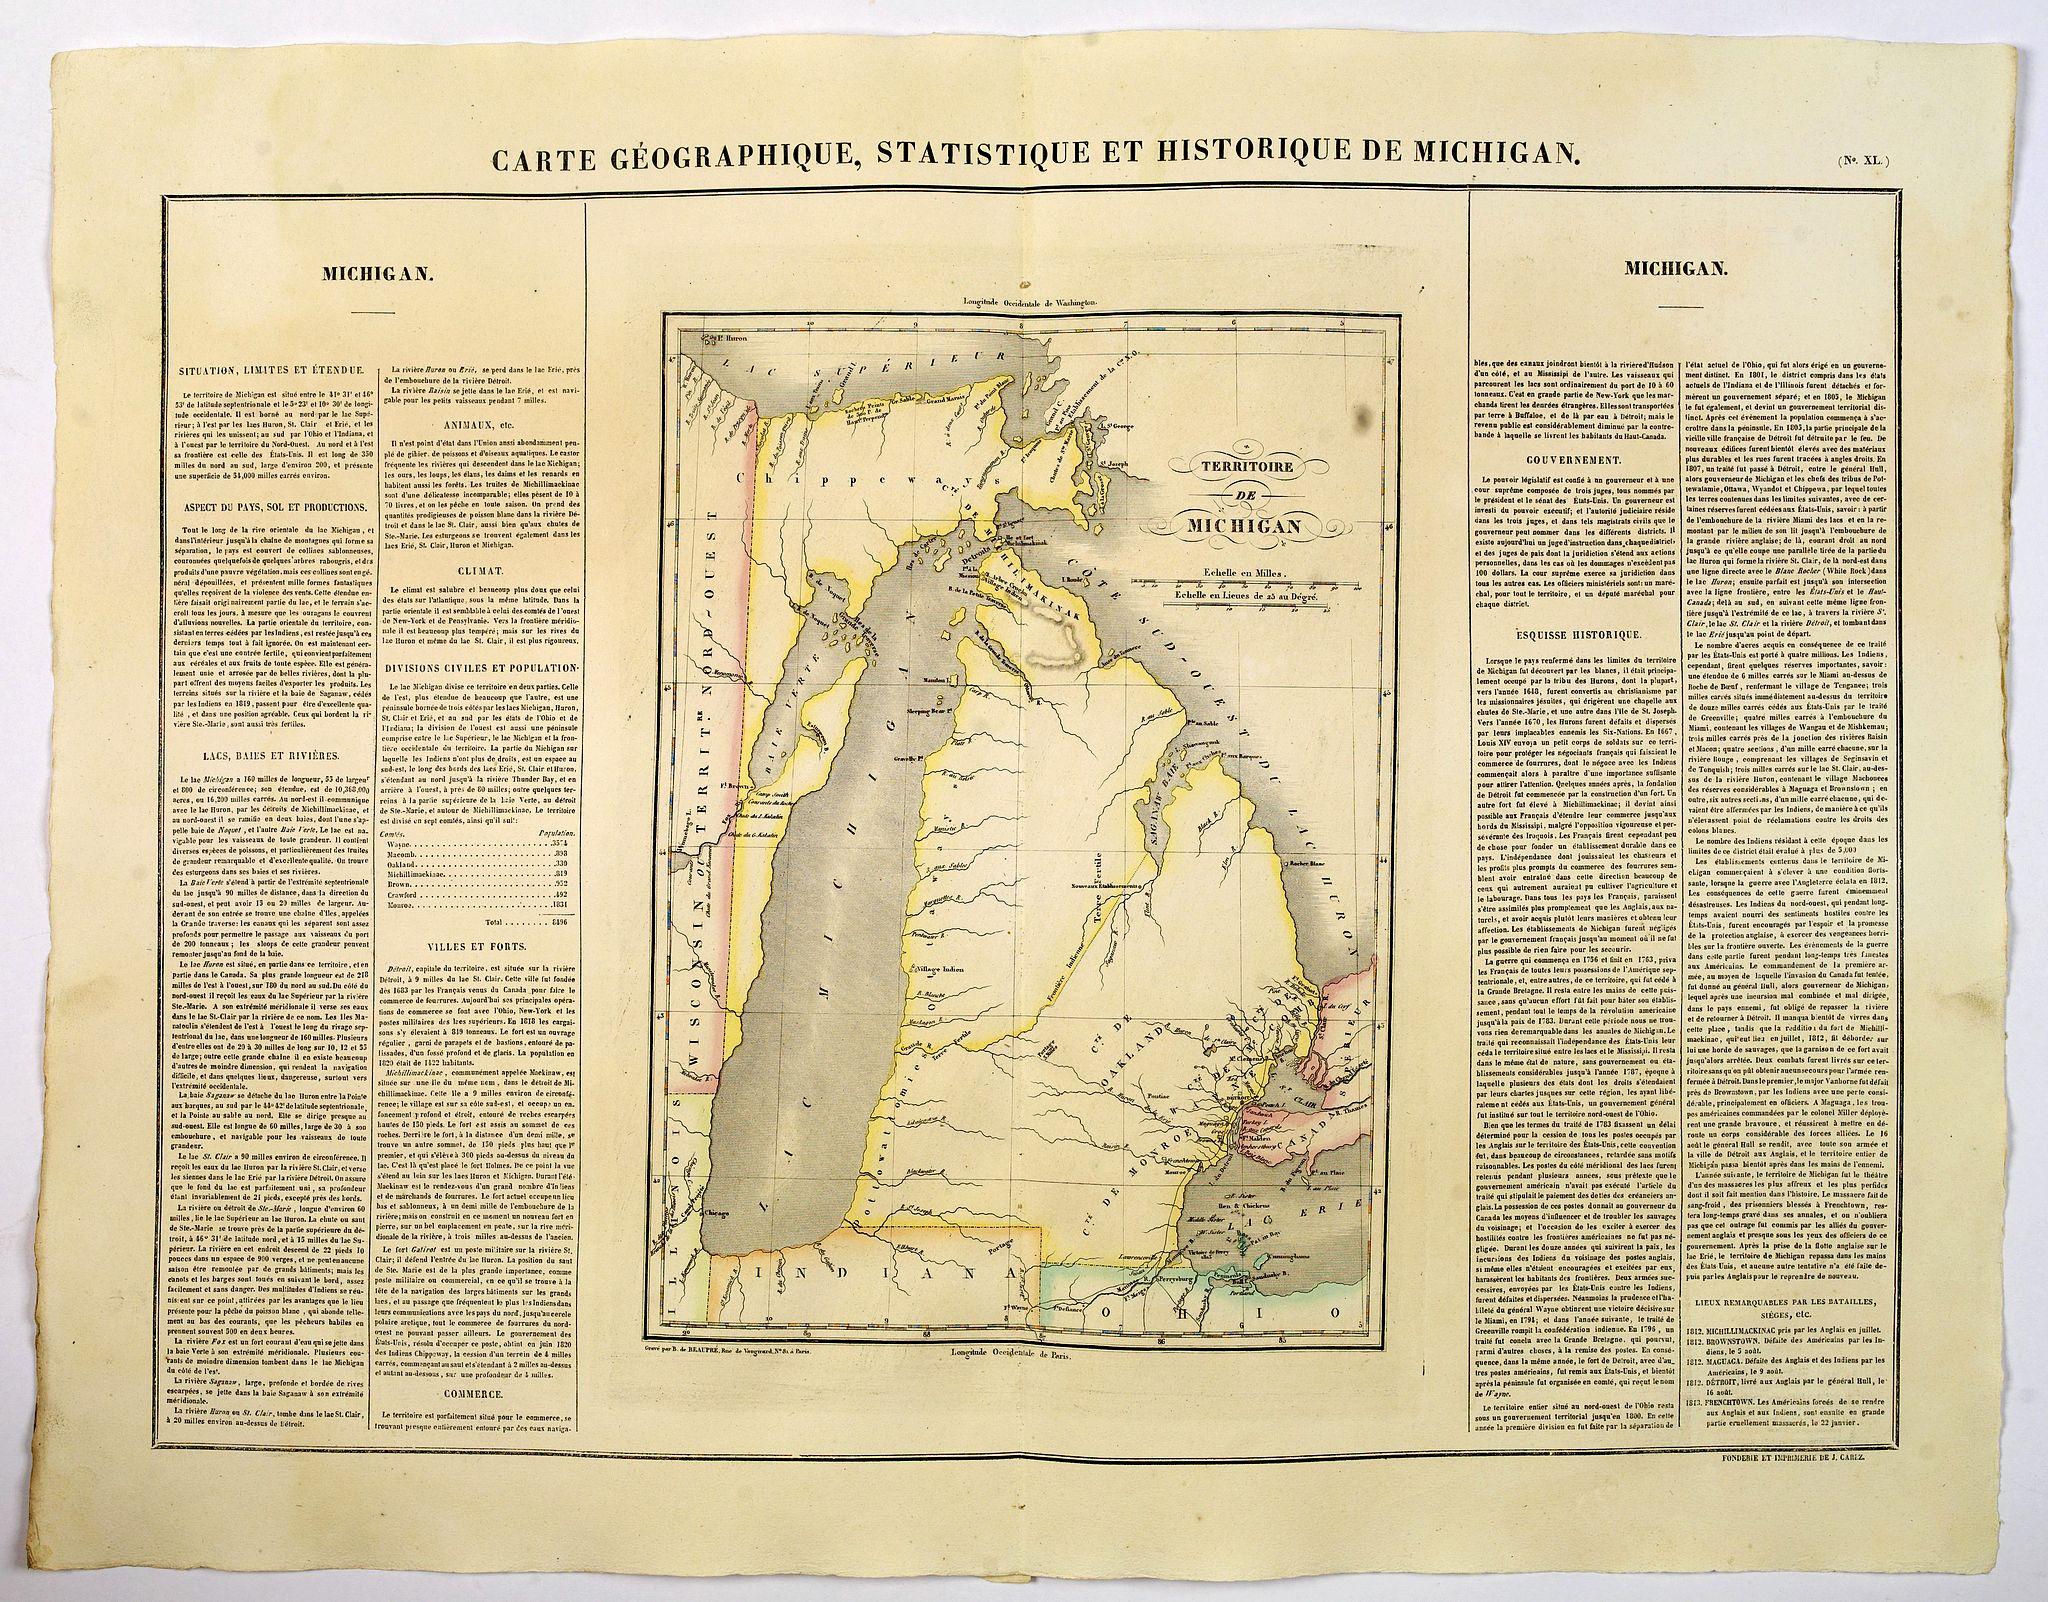 BUCHON, J.A. -  Carte Geographique, Statistique et Historique de Michigan.